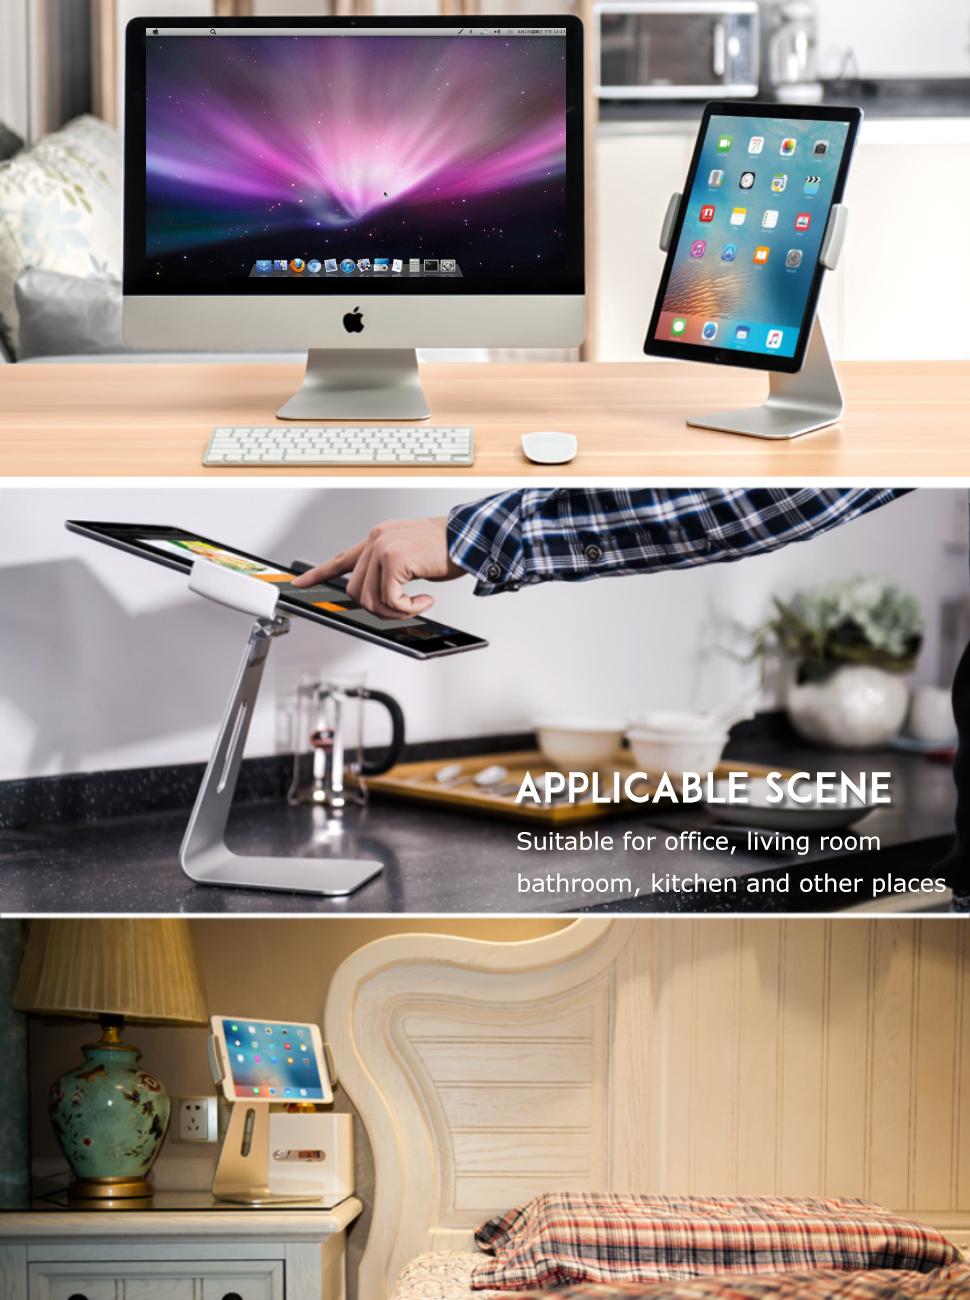 Kitchen Tablet Mount Stand Ipad Stand Adjustable Desktop Tablet Stand Holder Dock